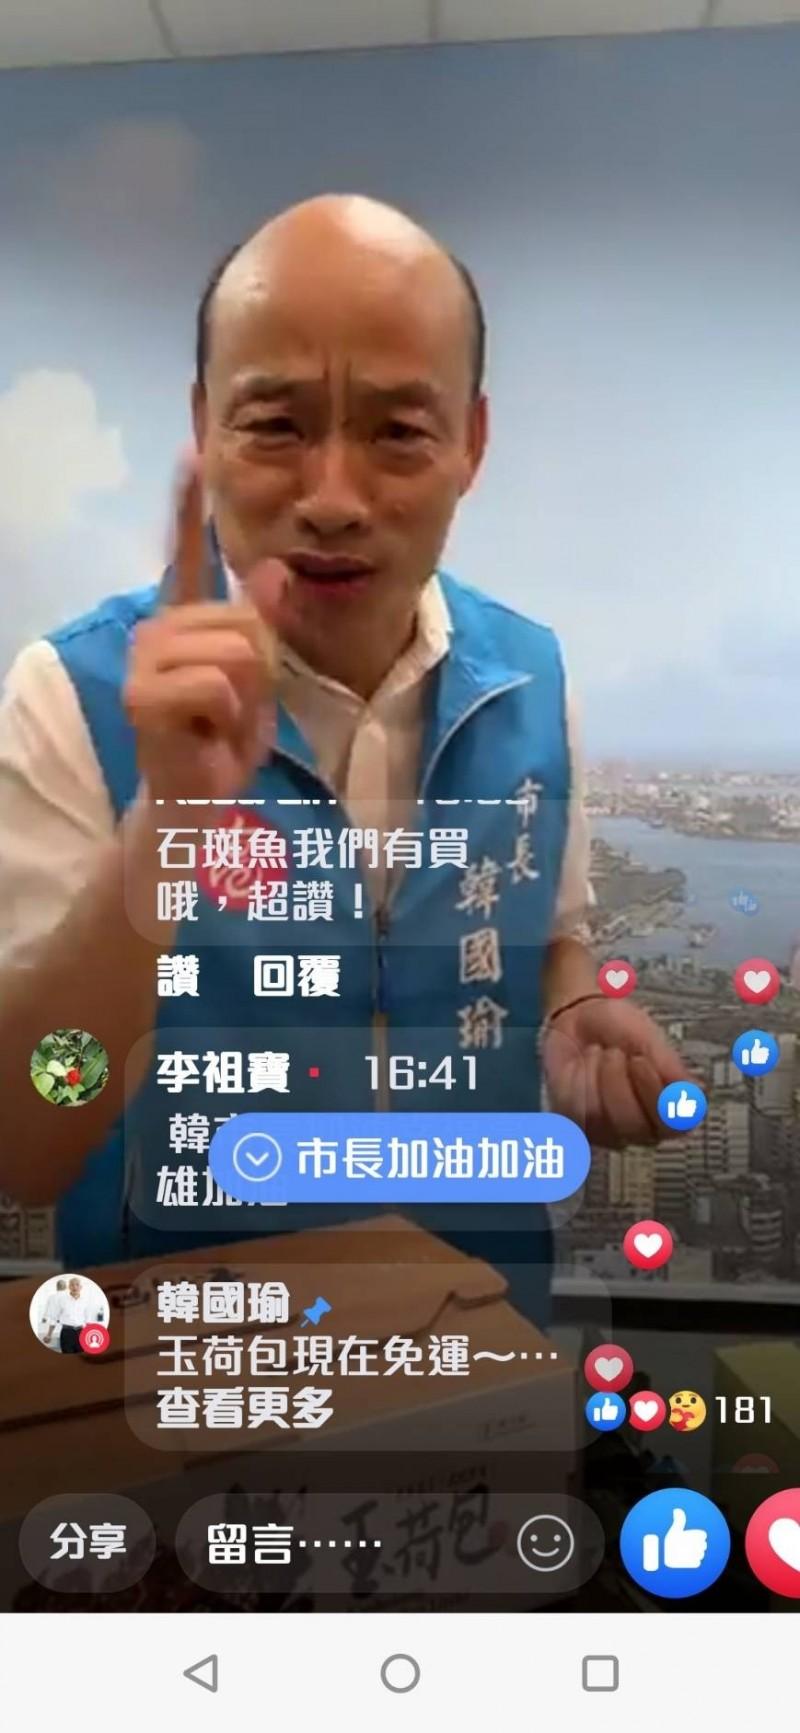 高雄市長韓國瑜開直播推銷玉荷包,強調真的好吃、禿頭不說假話。(記者王榮祥翻攝)